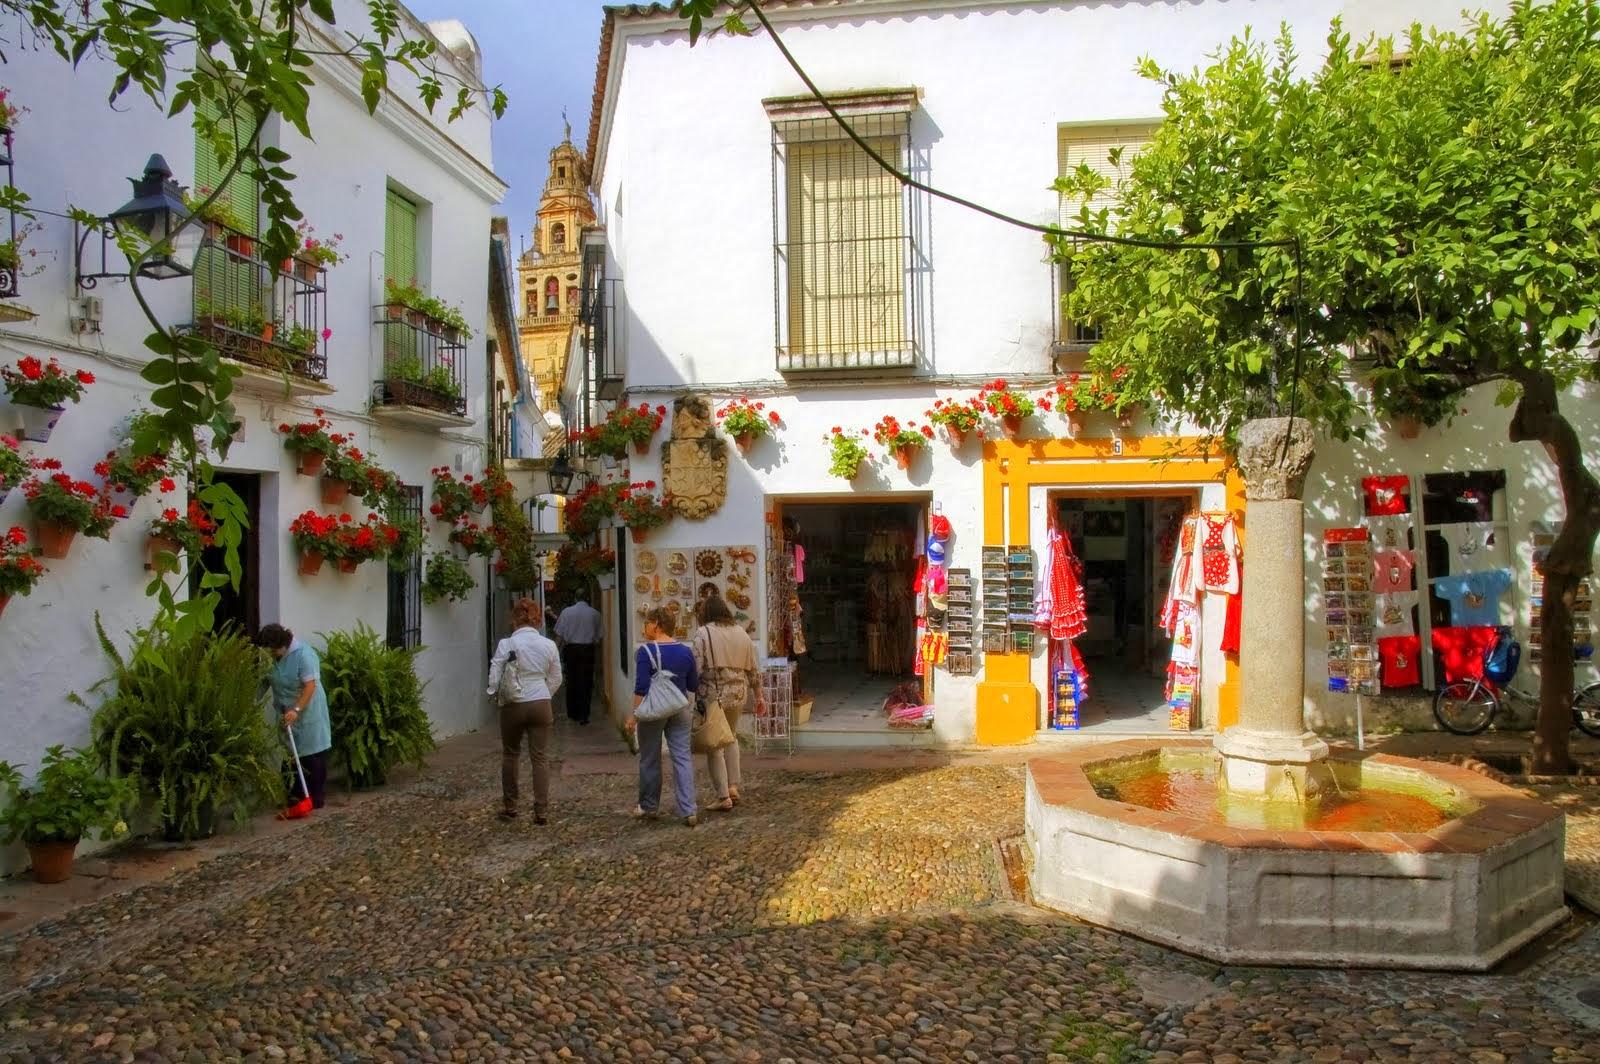 La Calleja de las Flores en Córdoba